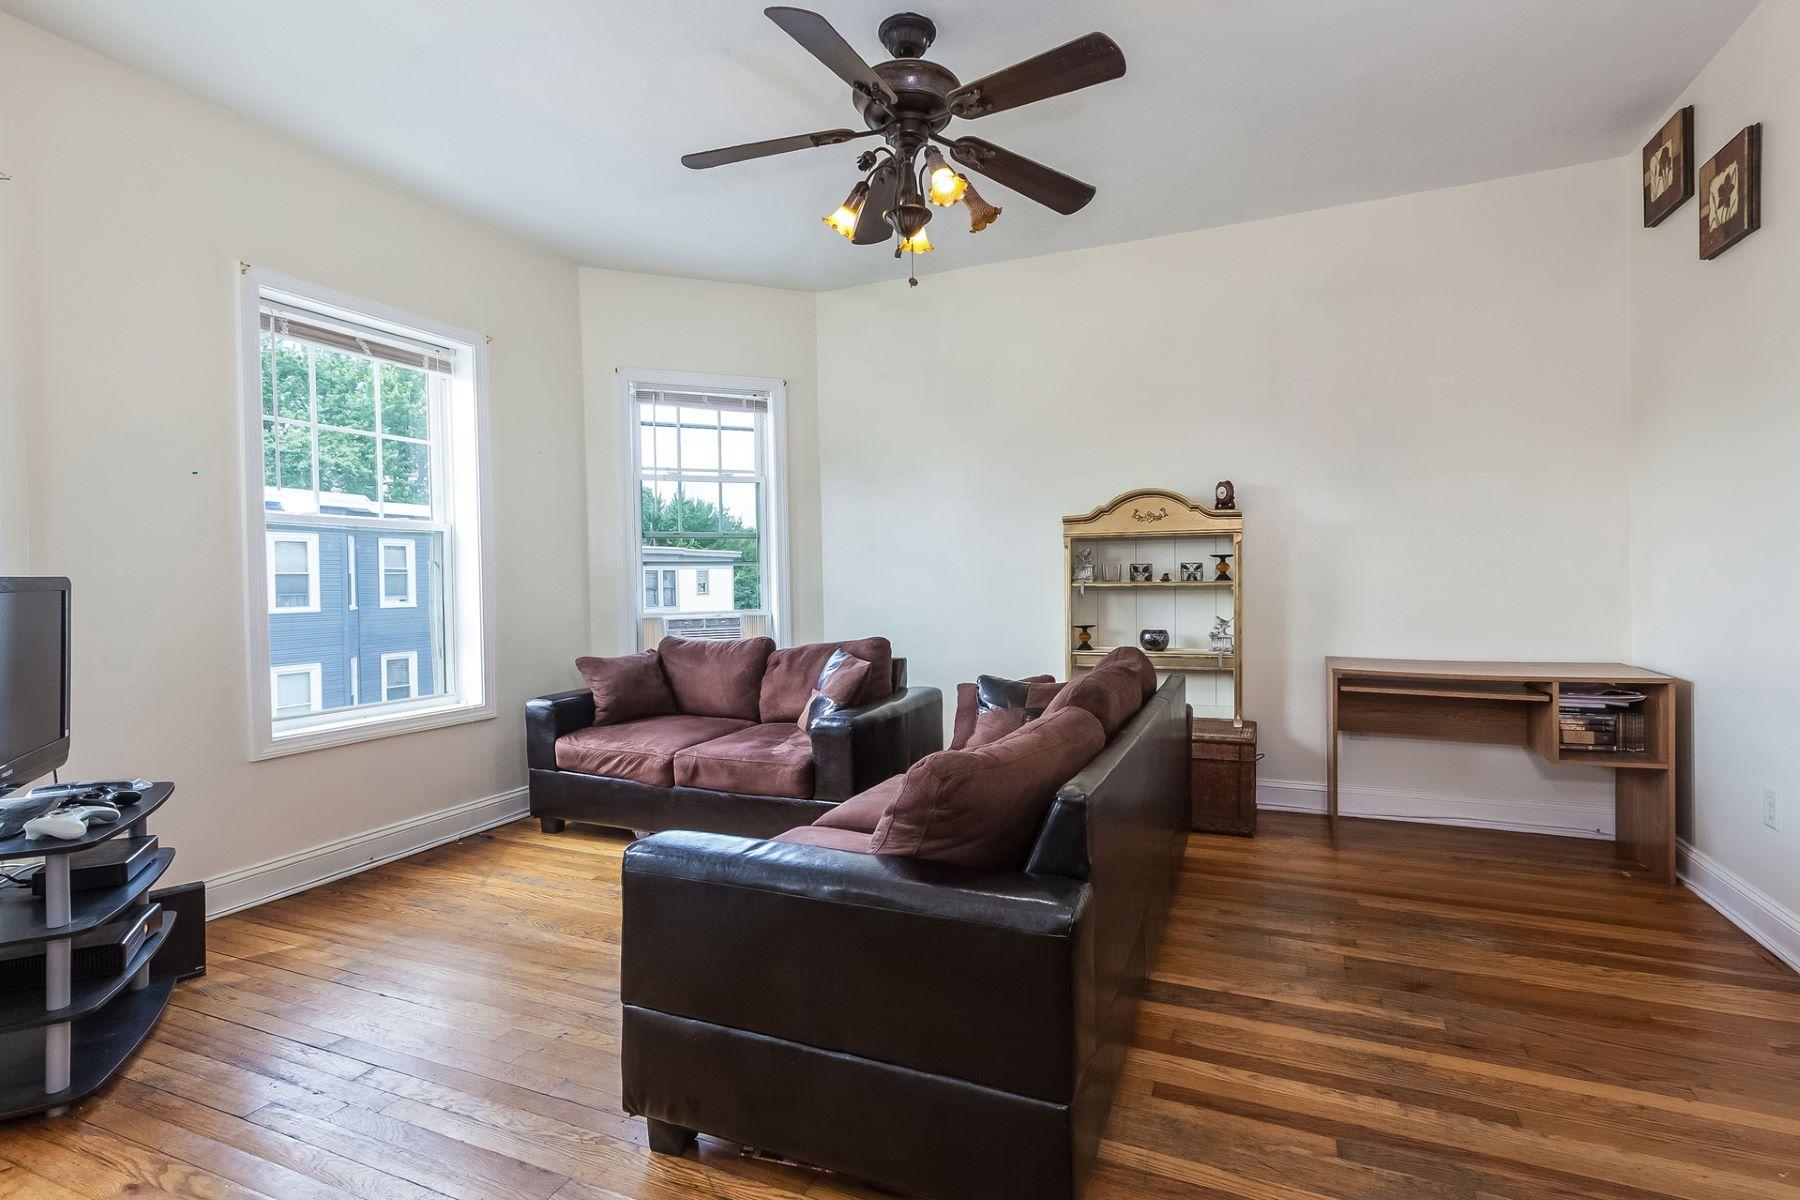 共管式独立产权公寓 为 销售 在 9 Ferndale Street B, Boston 9 Ferndale St B 波士顿, 马萨诸塞州, 02124 美国